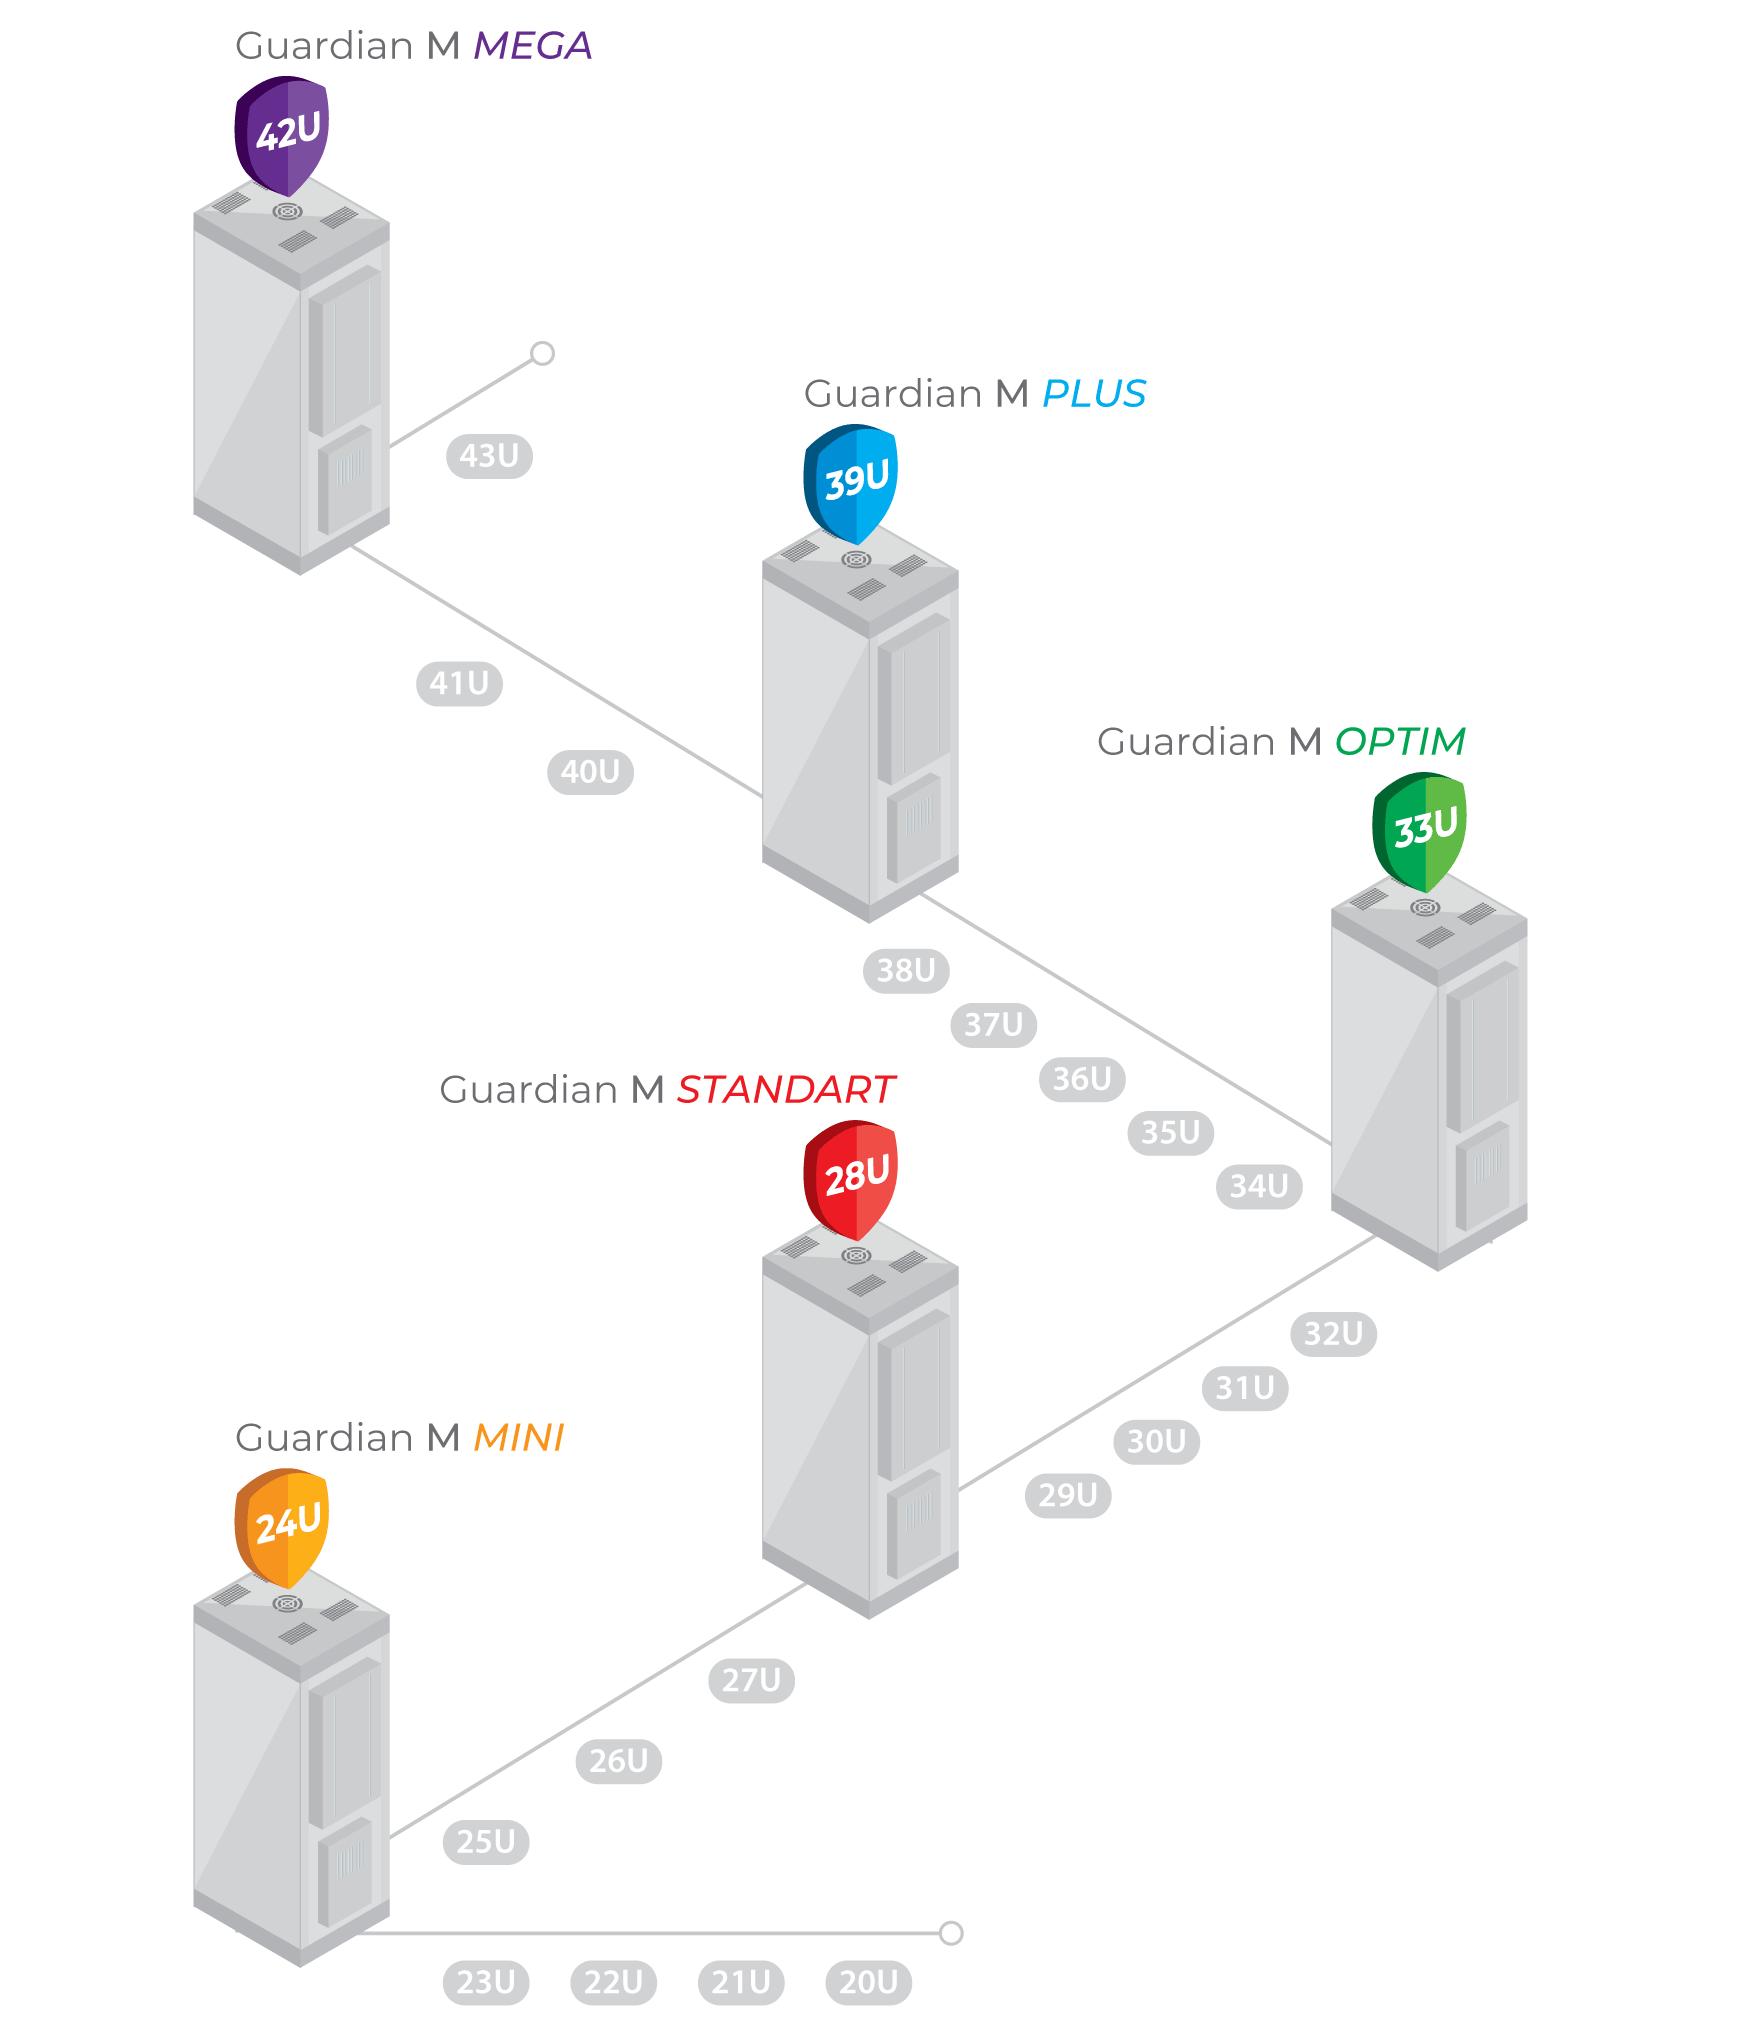 Варианты высоты шкафов серии Guardian